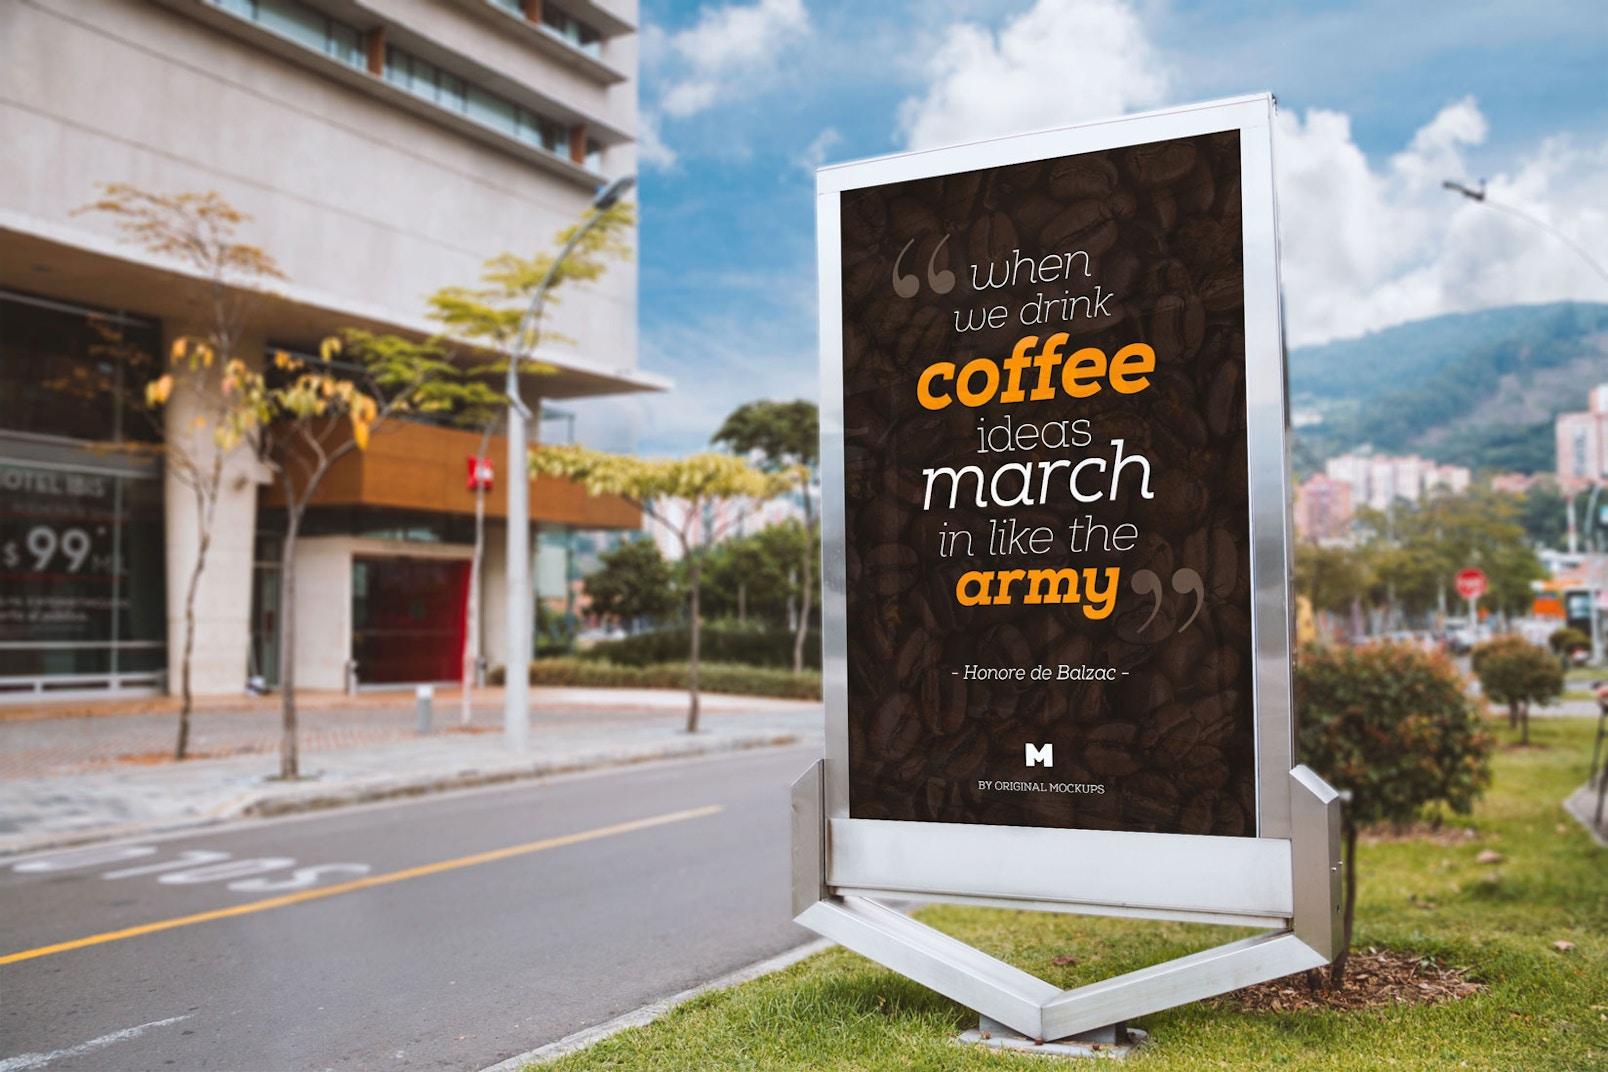 Billboard Outdoor Advertising PSD Mockup